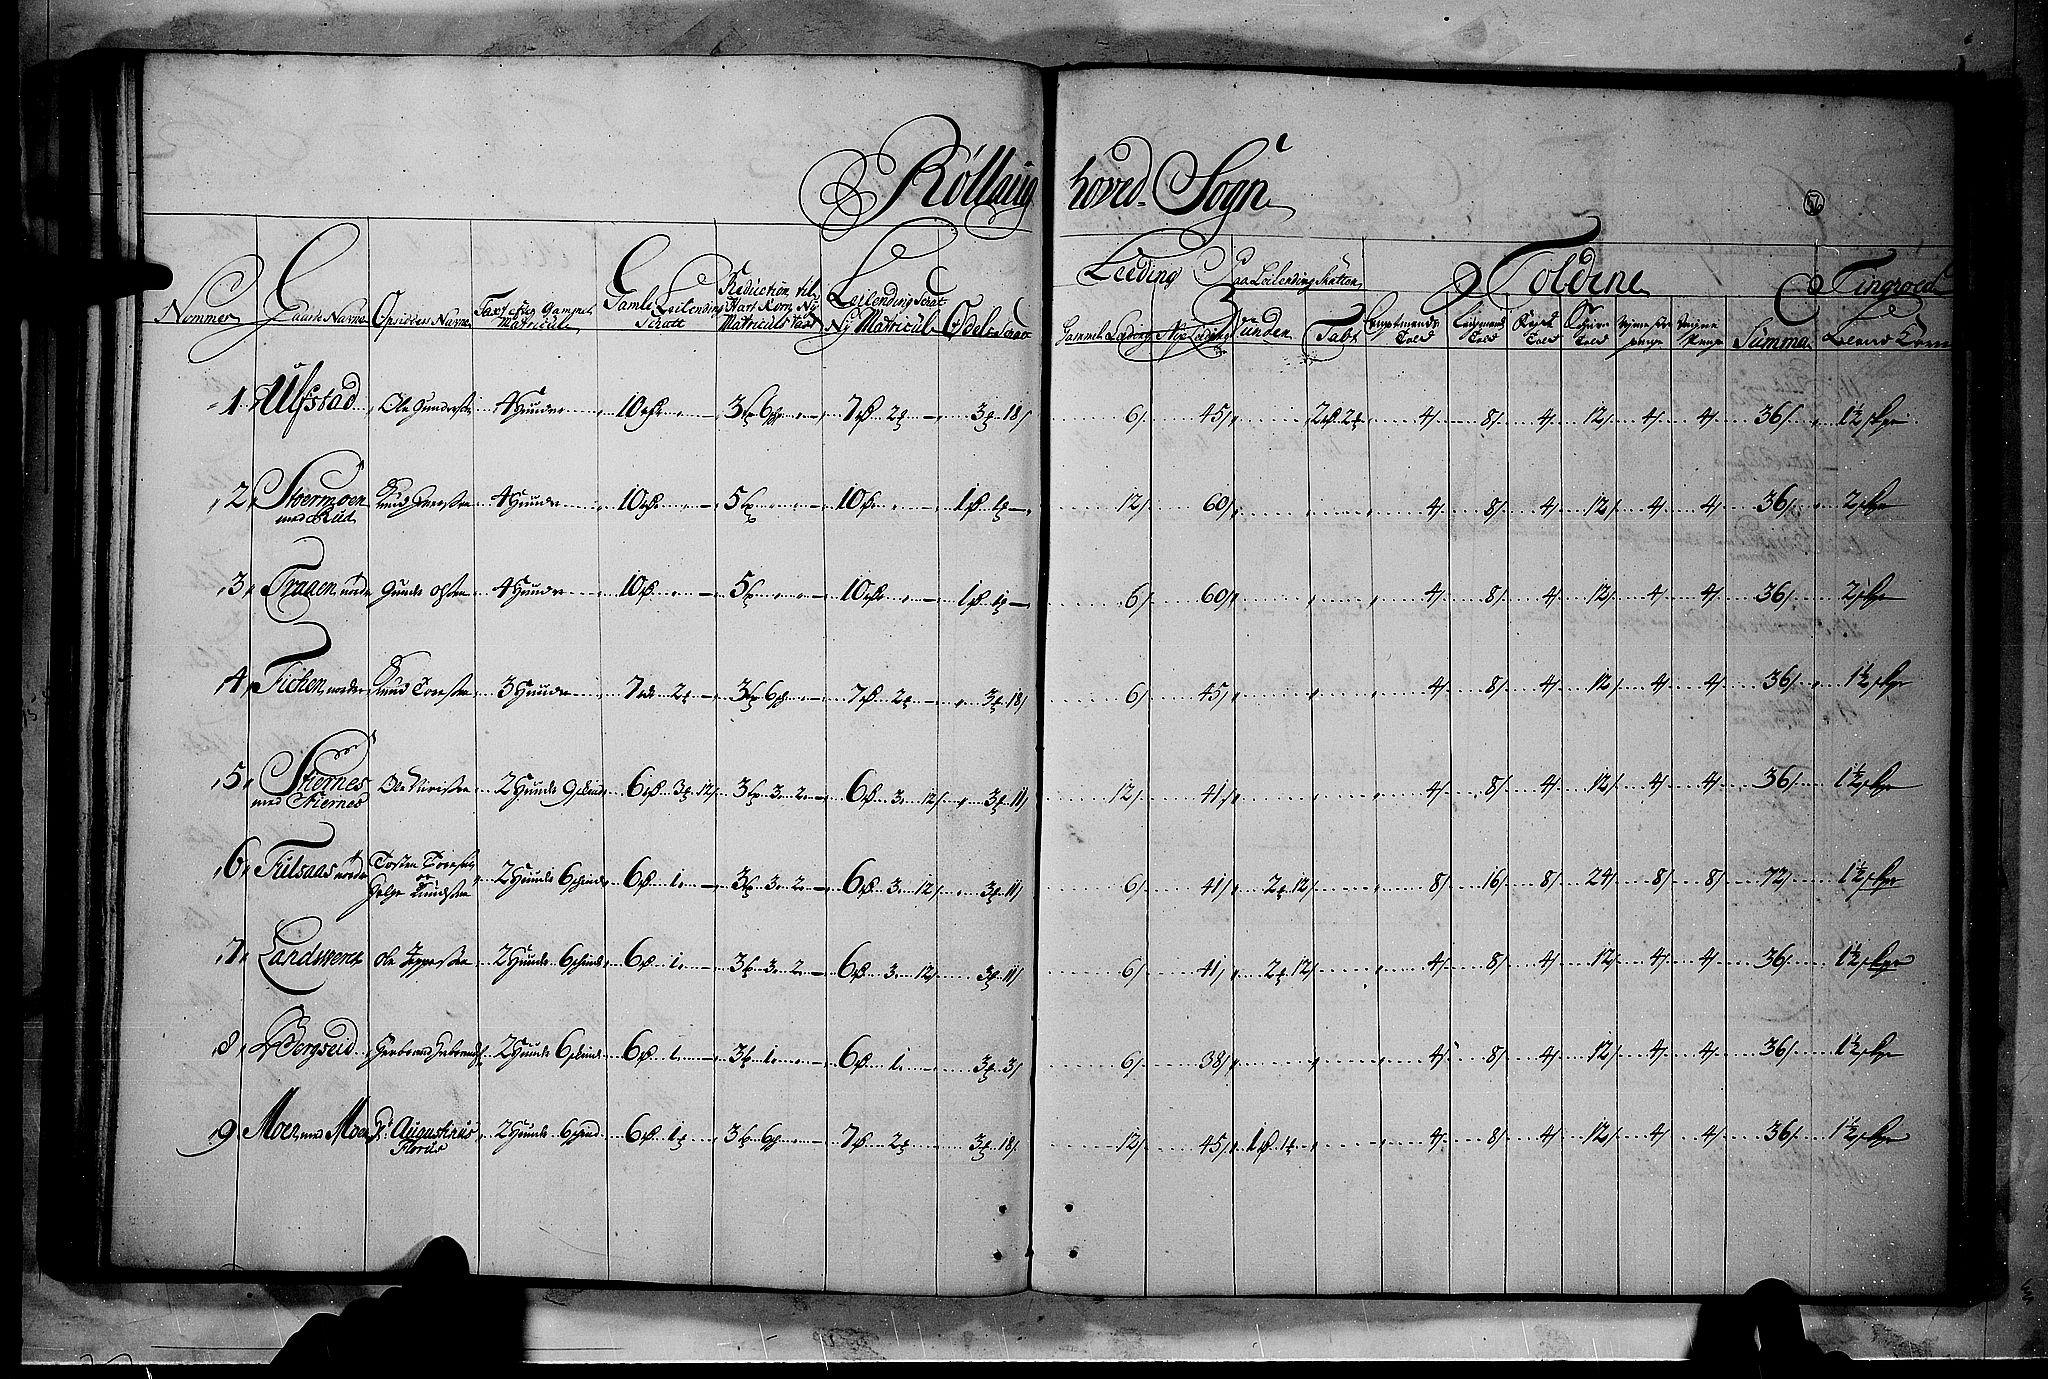 RA, Rentekammeret inntil 1814, Realistisk ordnet avdeling, N/Nb/Nbf/L0114: Numedal og Sandsvær matrikkelprotokoll, 1723, s. 55b-56a